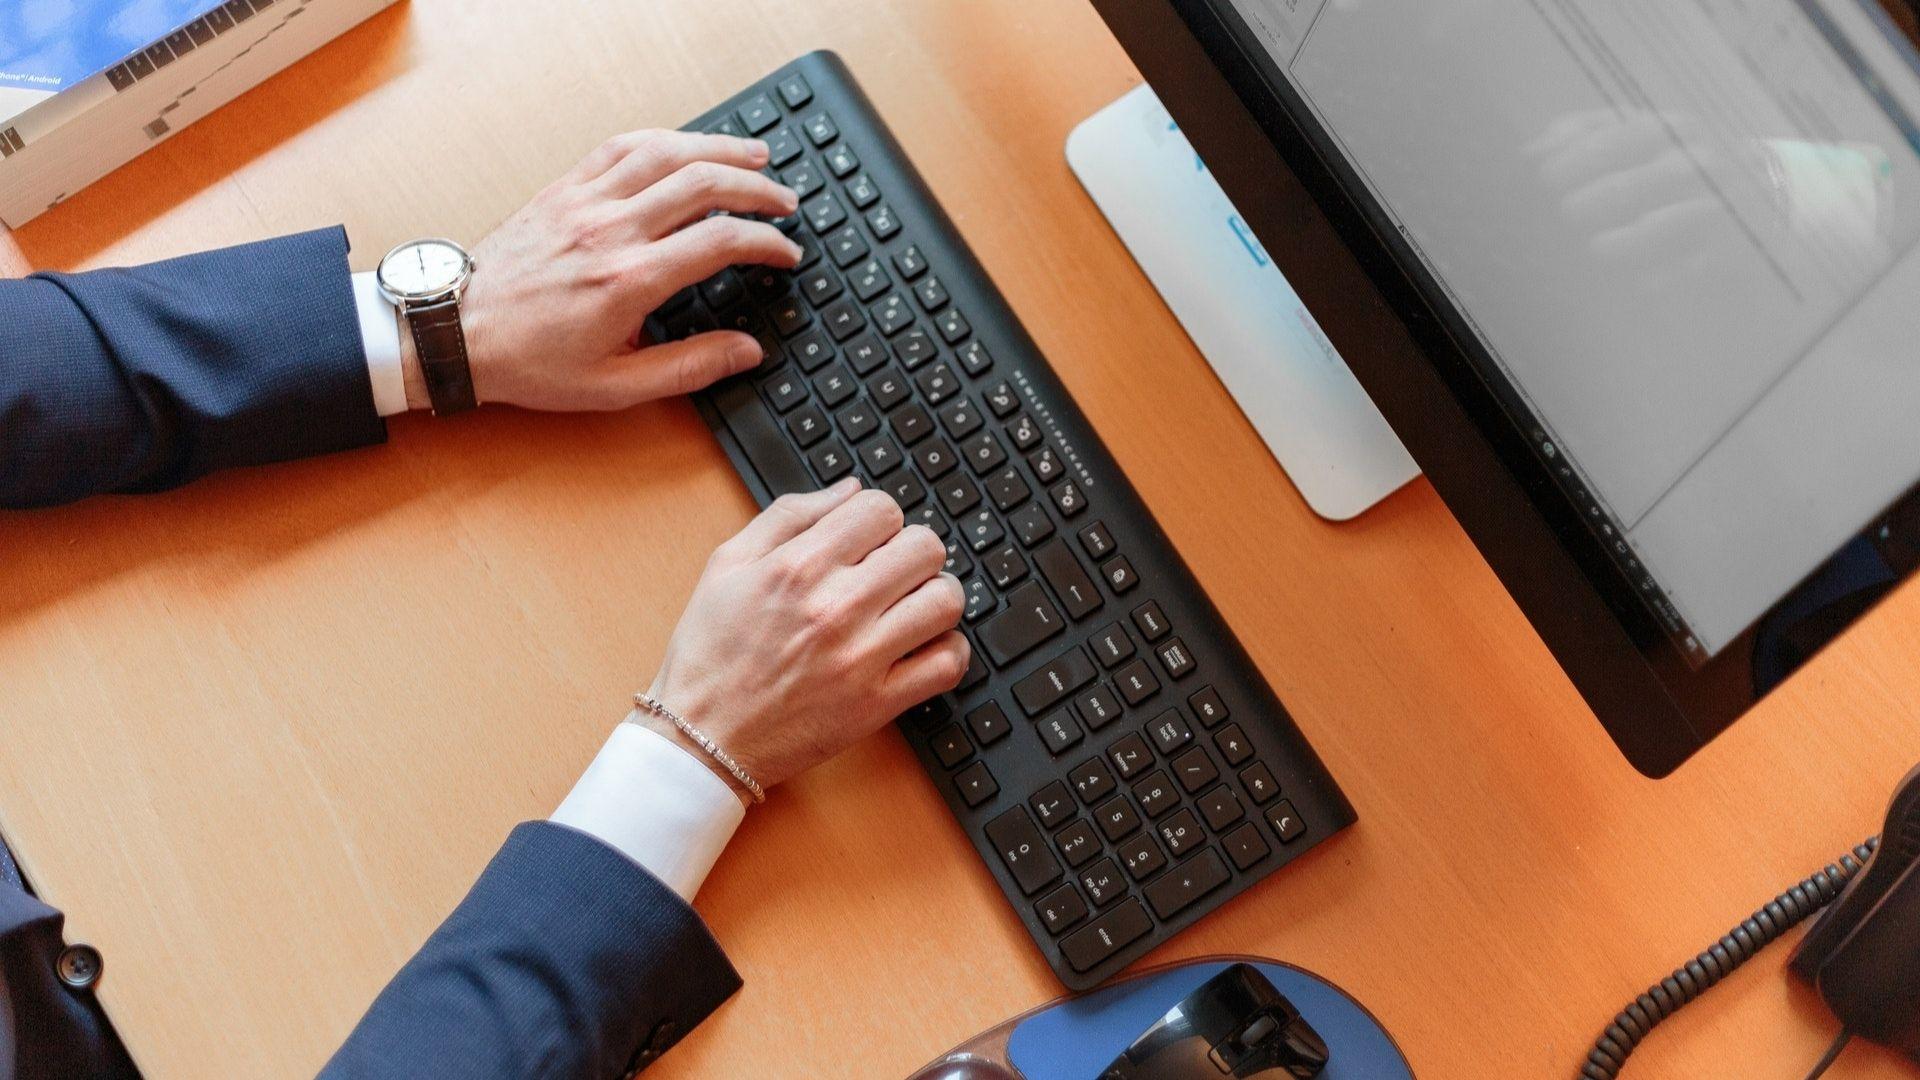 Requisitos básicos de um software jurídico de gestão